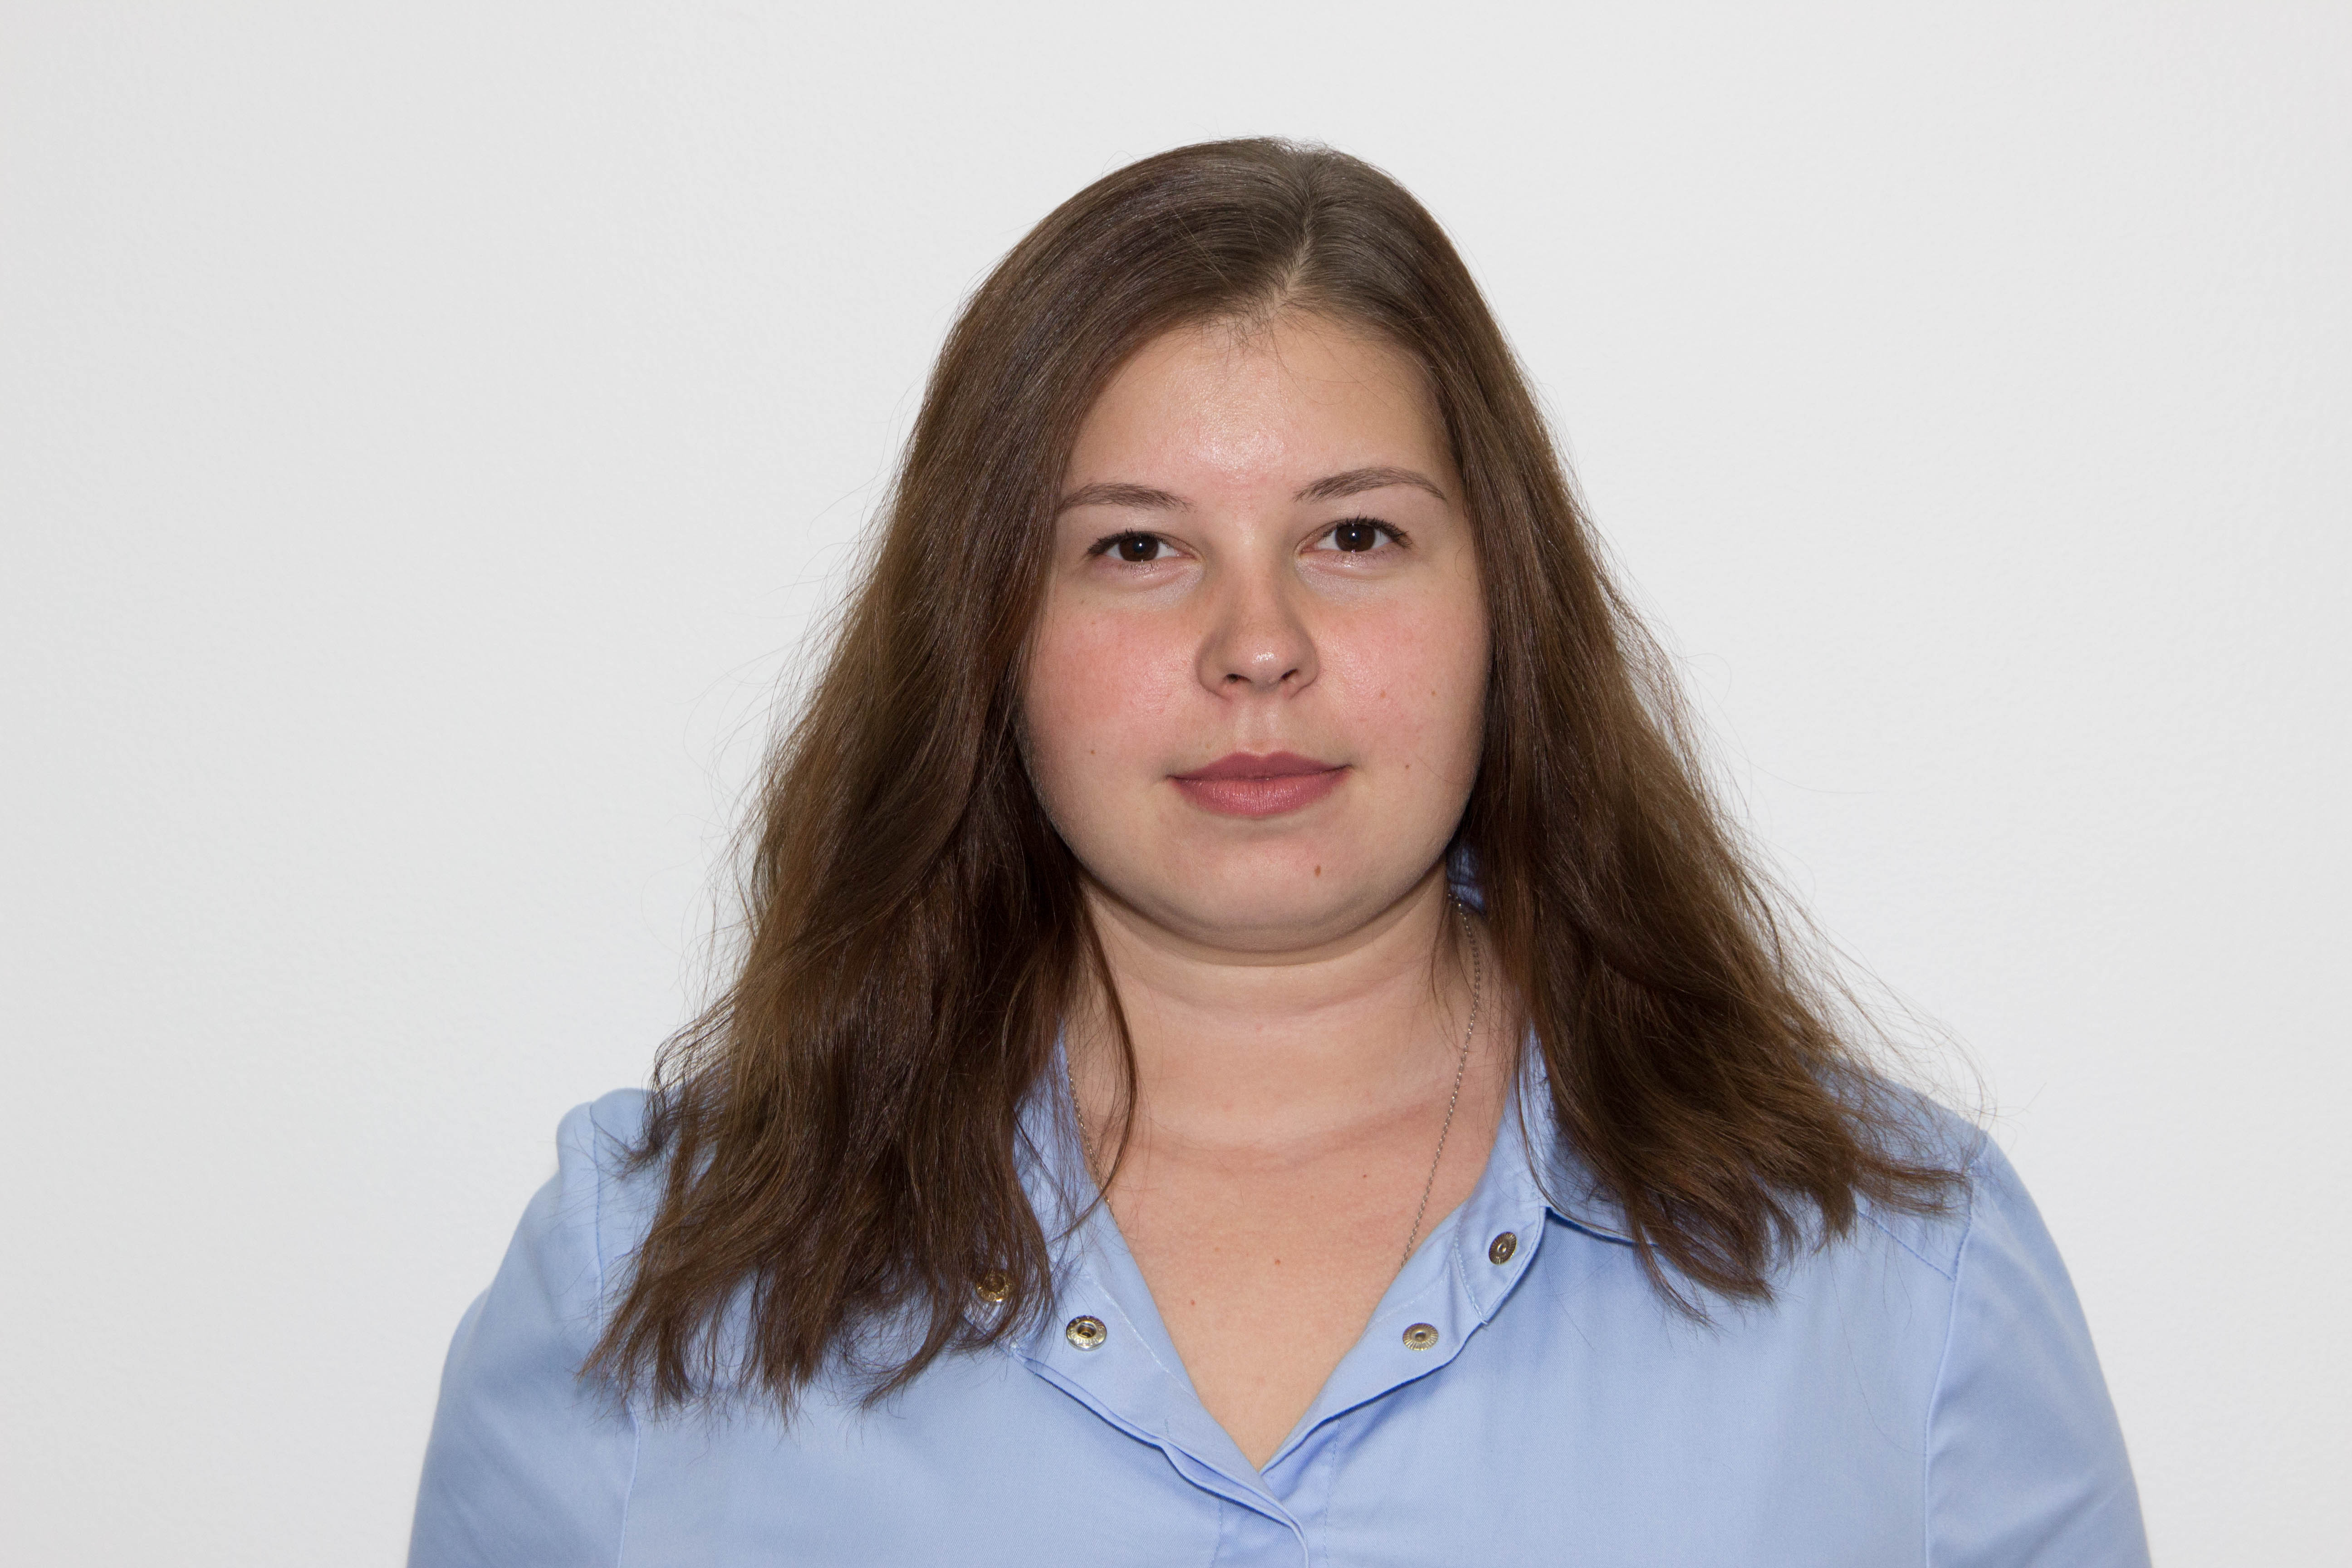 Алексеевская Юлия - старший администратор